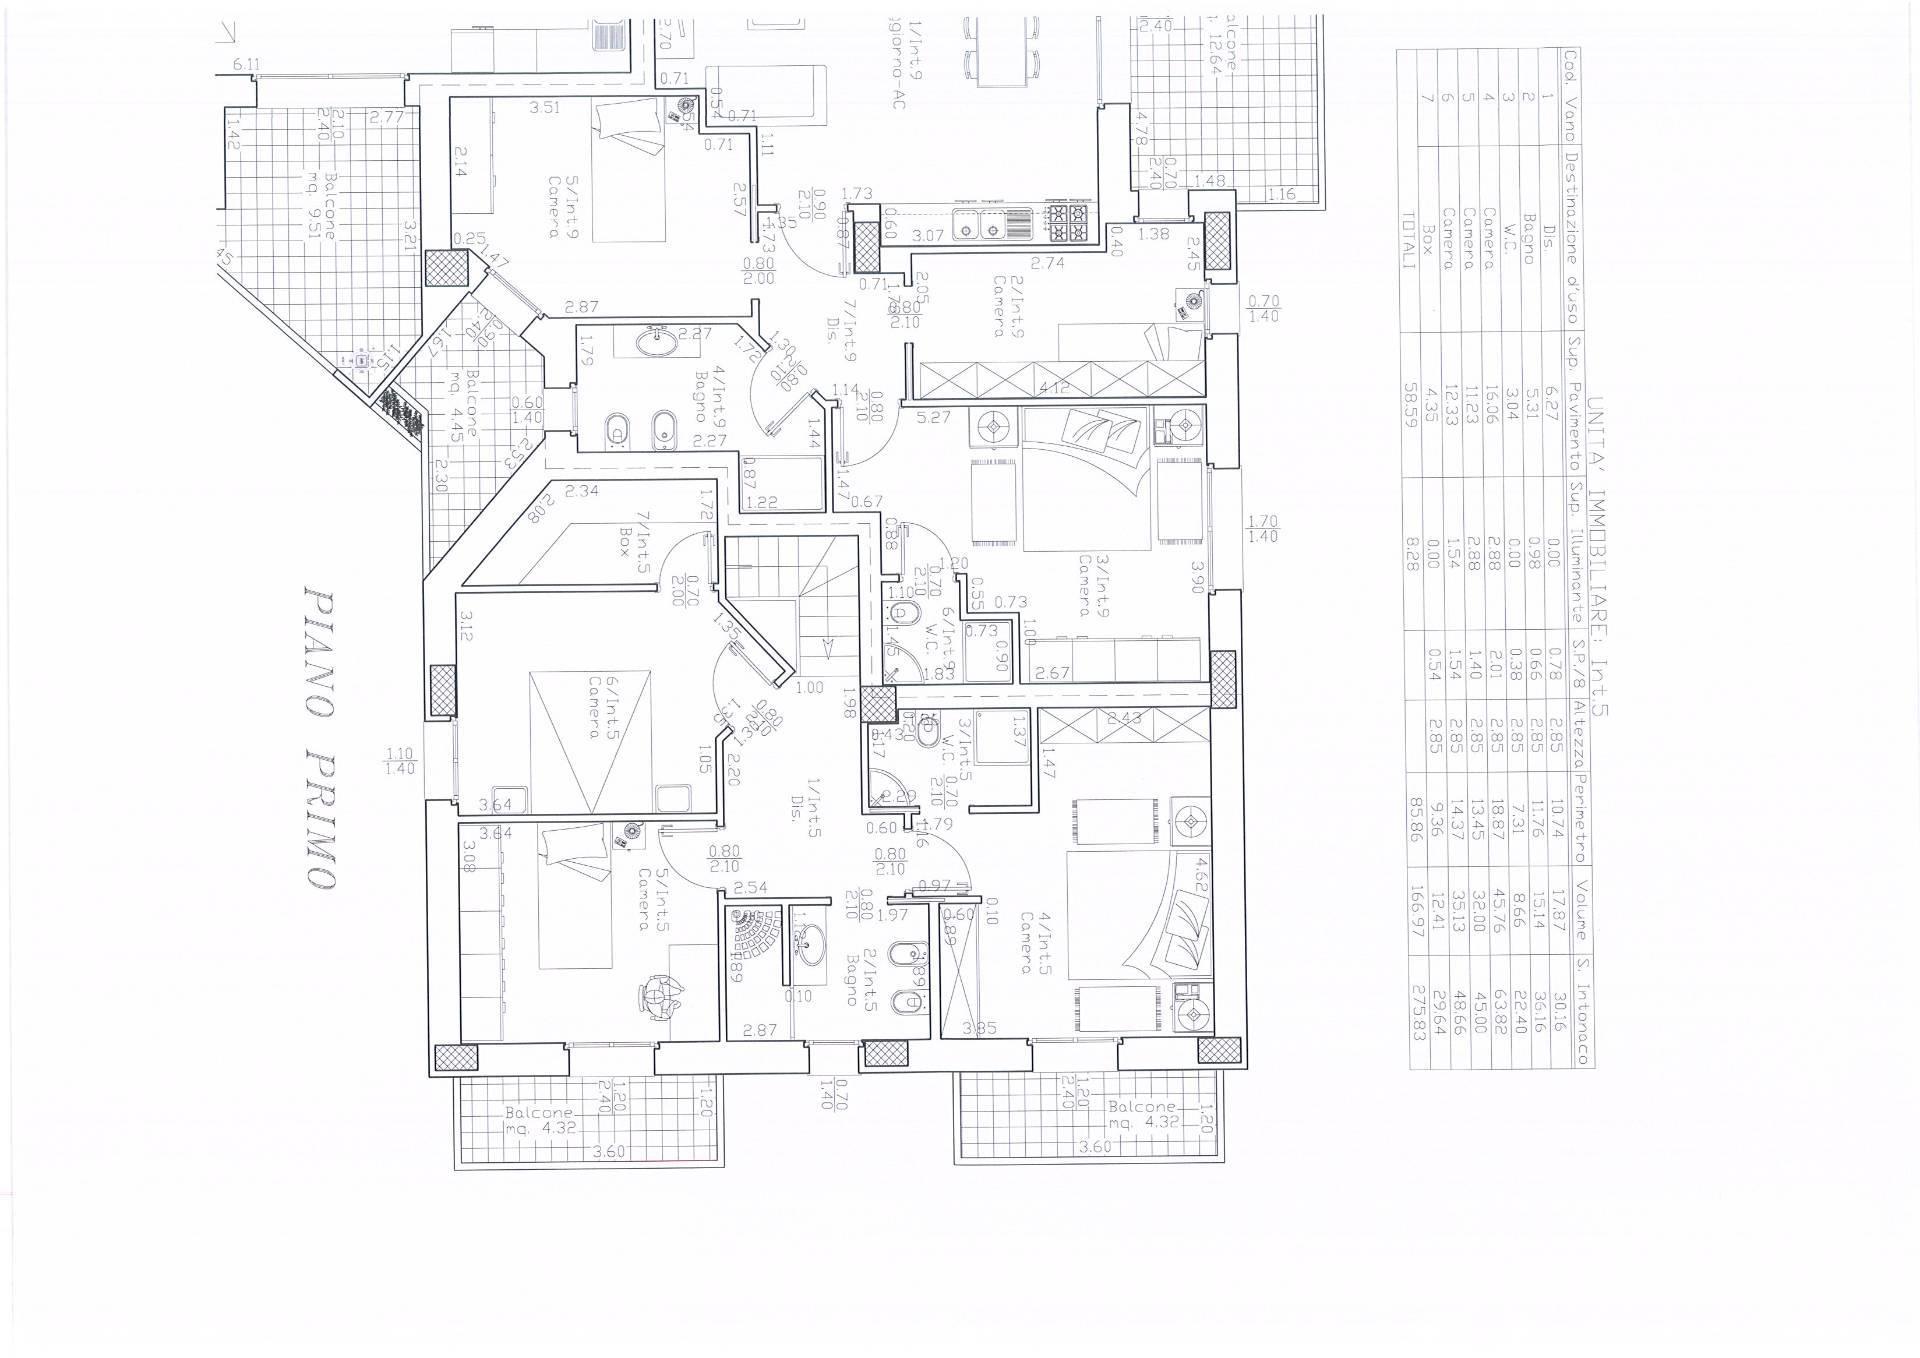 Appartamento in vendita a Giulianova, 4 locali, zona Località: Lido, prezzo € 390.000 | PortaleAgenzieImmobiliari.it